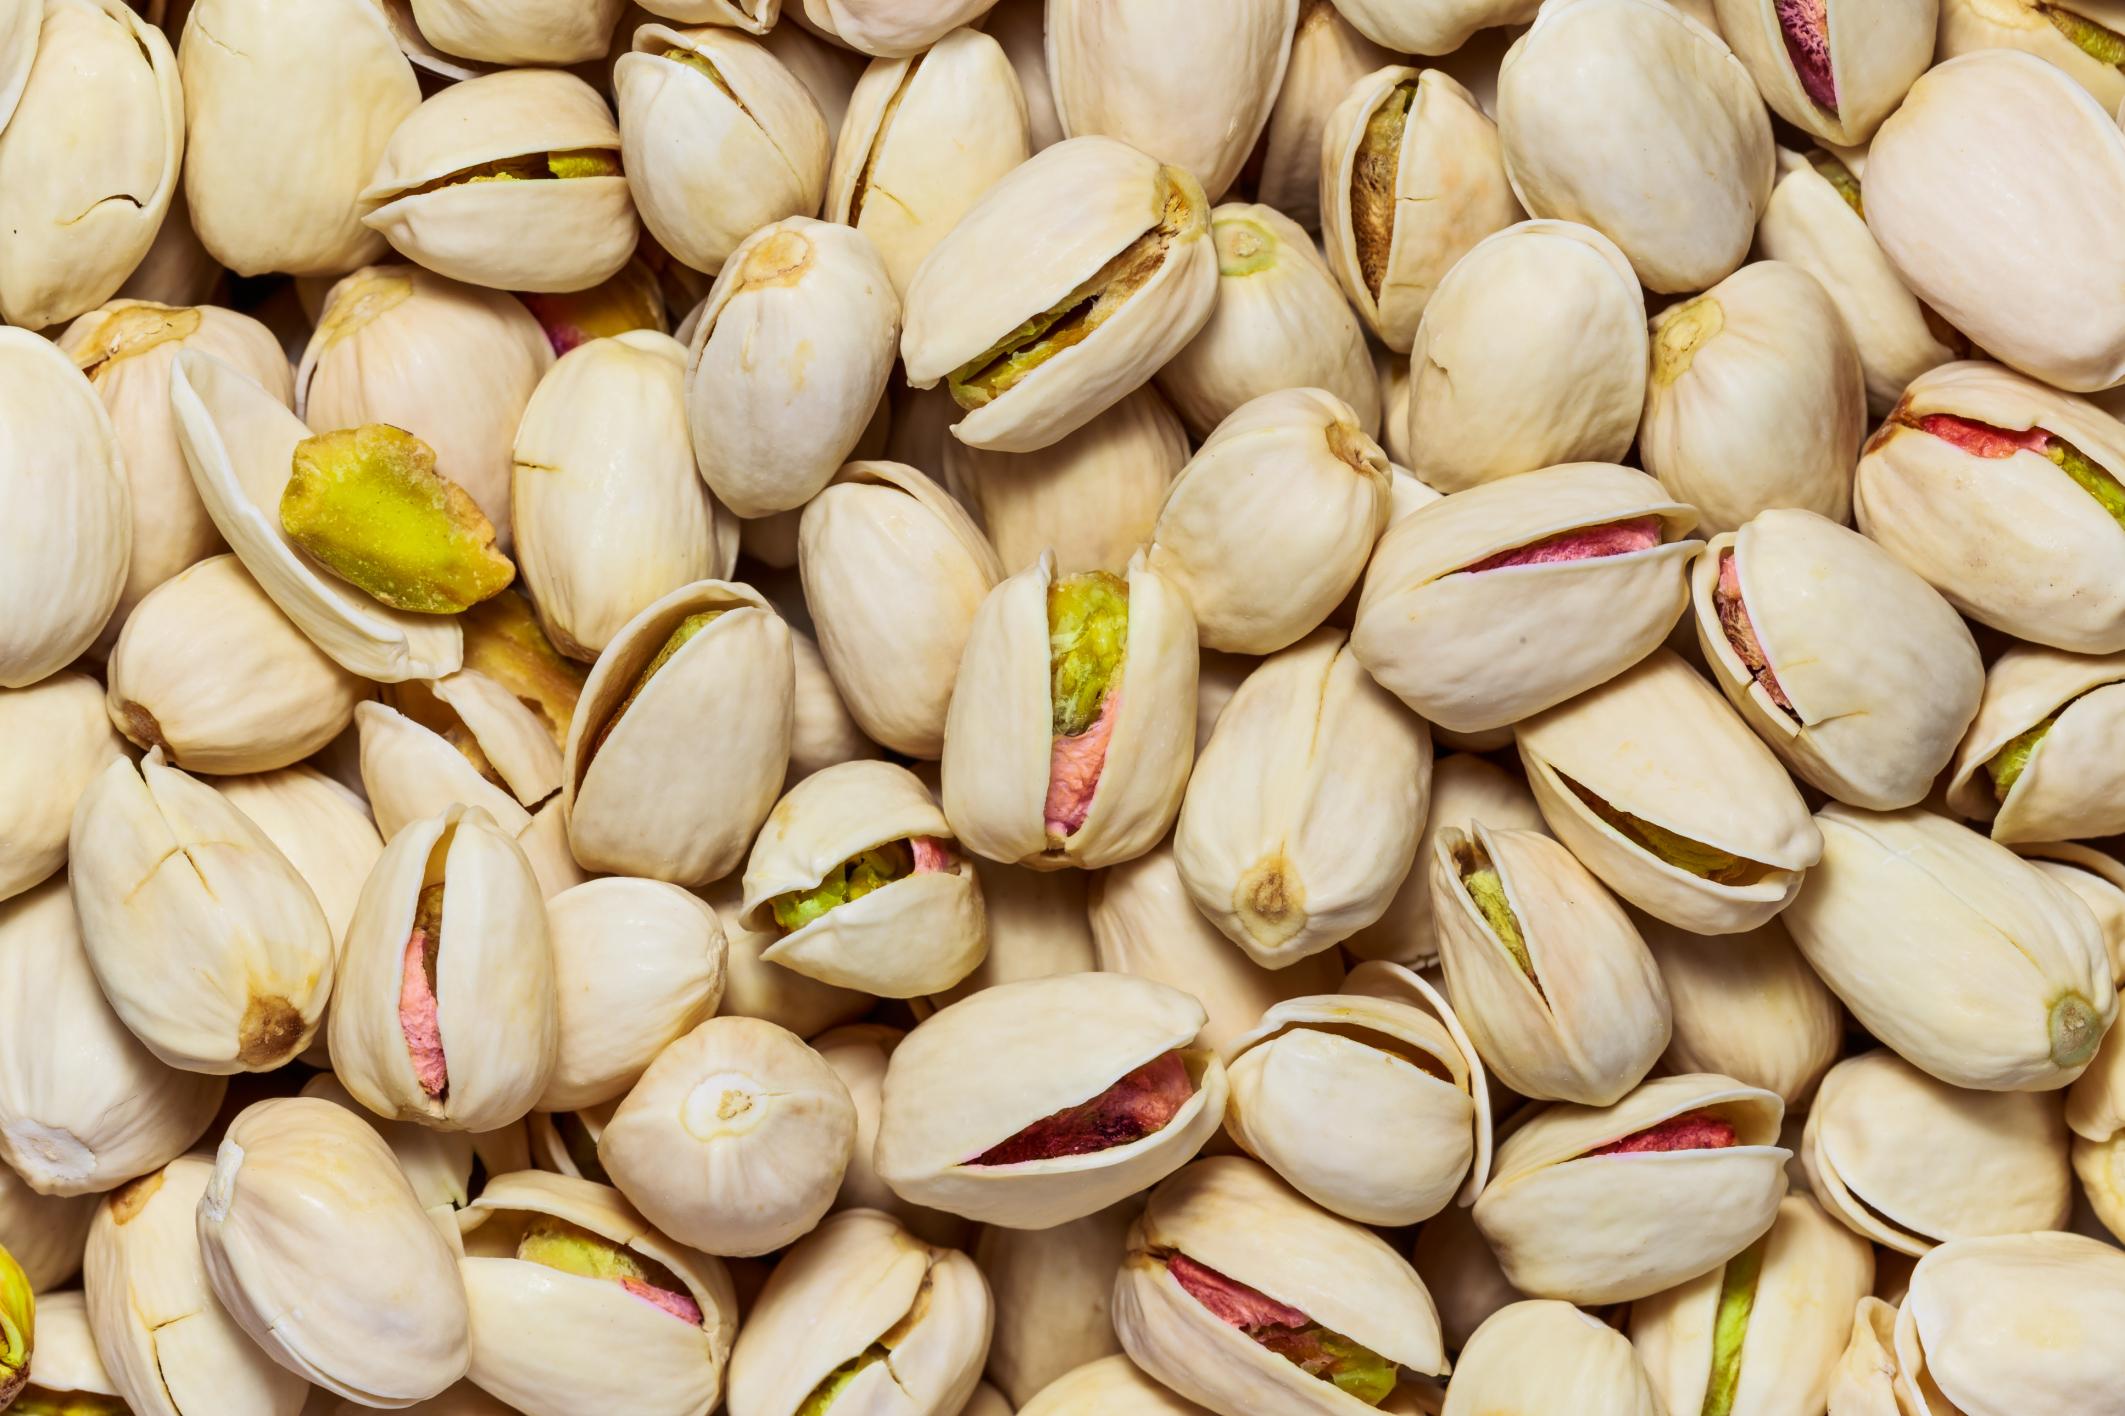 10 surprising facts about pistachios